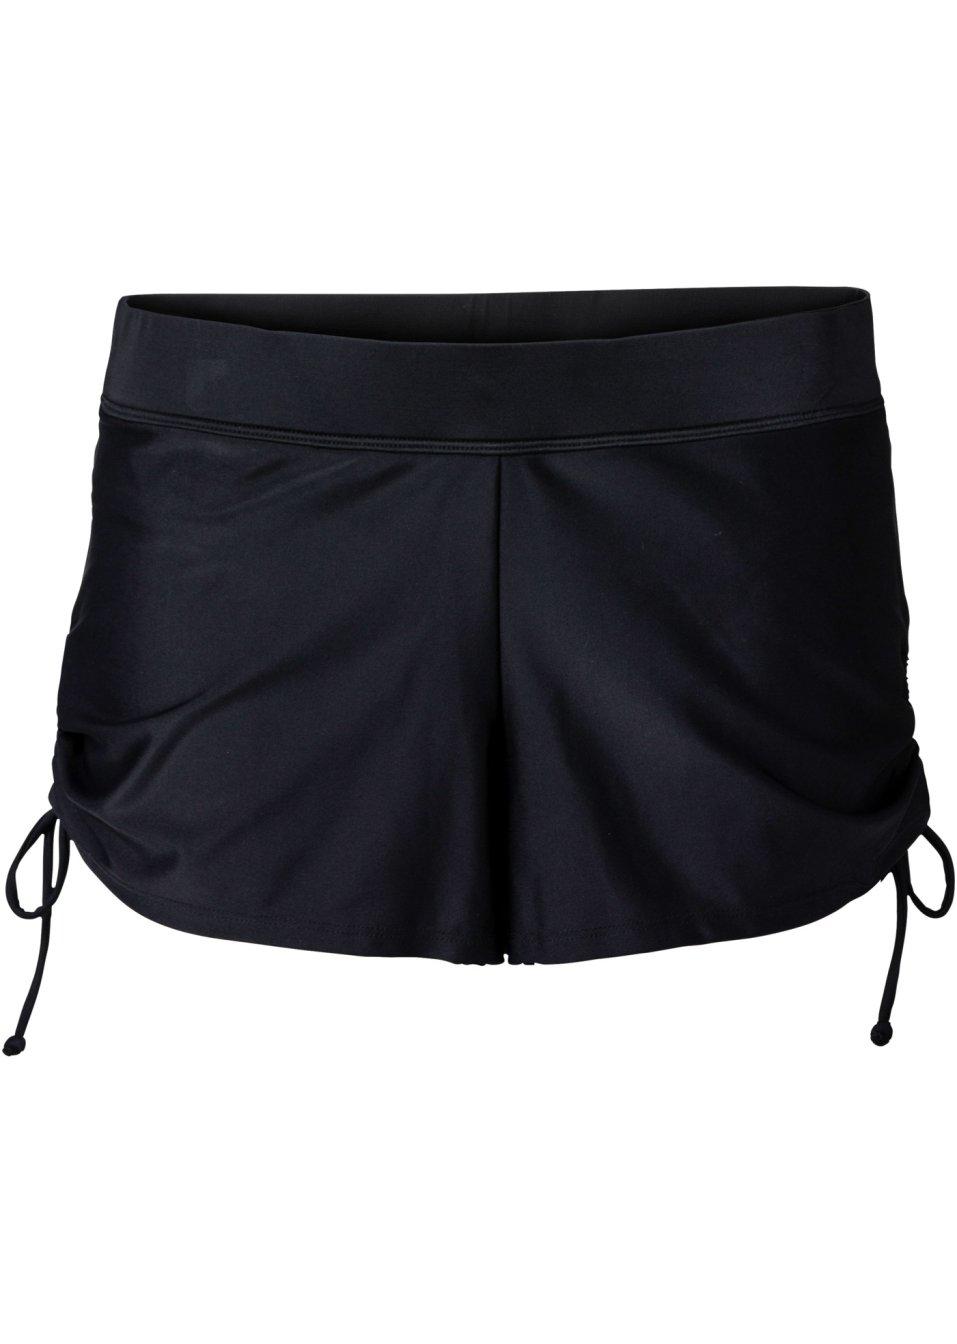 Short de bain avec slip int rieur noir bpc selection for Calecon avec slip interieur